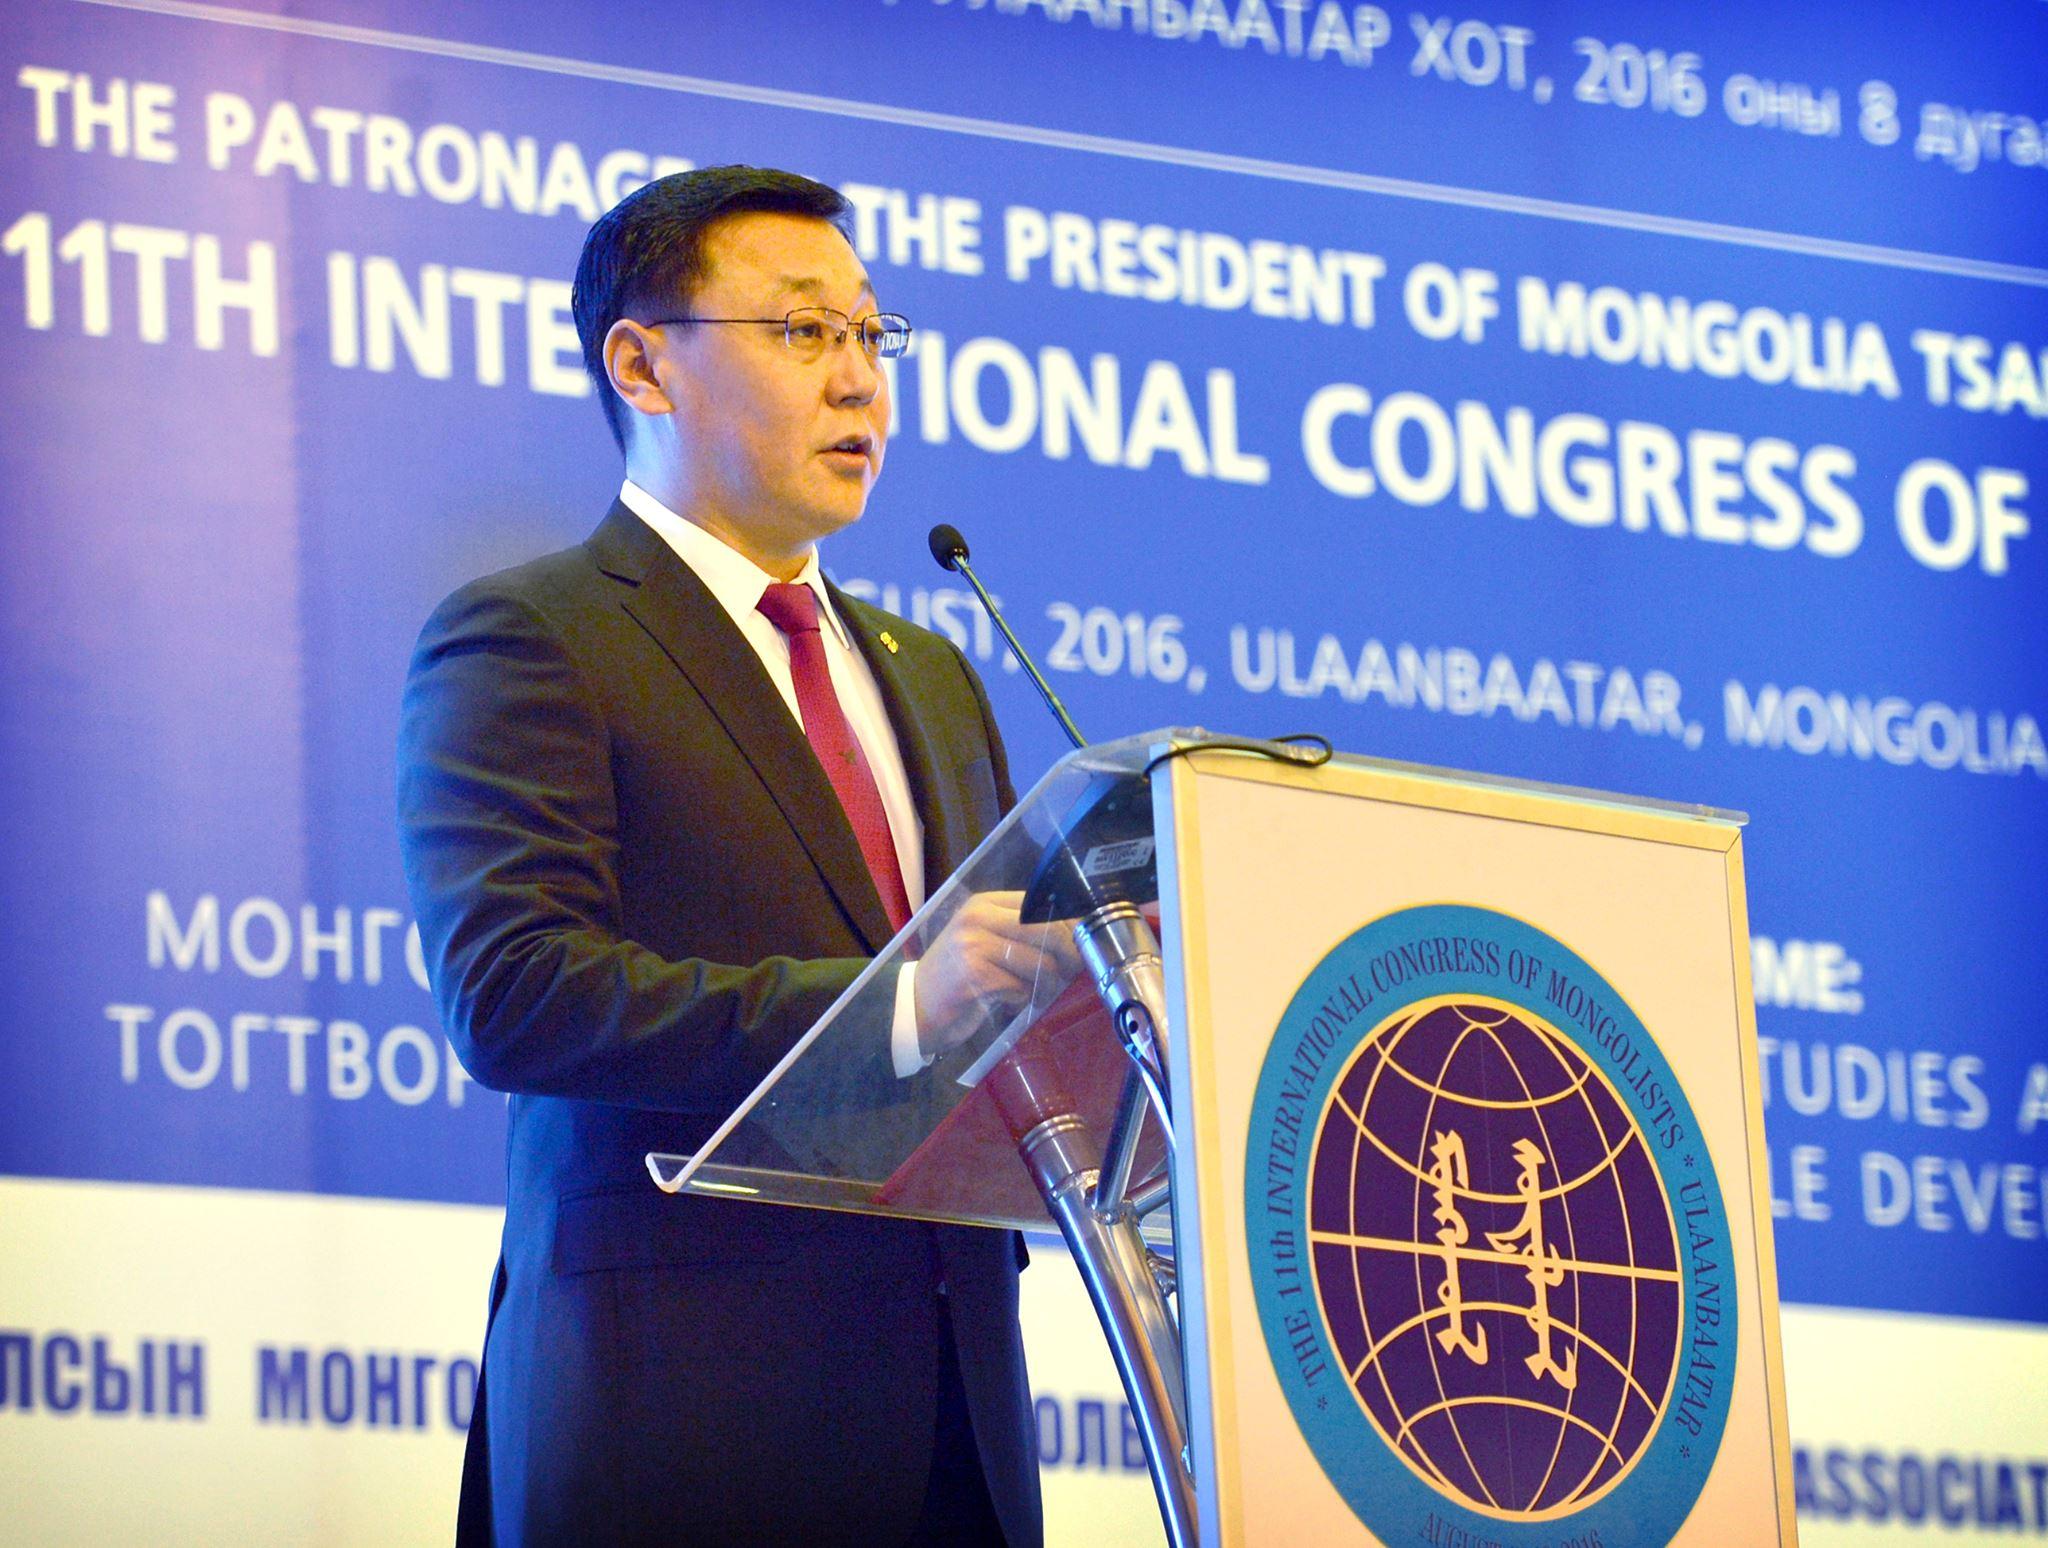 Ж.Эрдэнэбат: Монгол судлалын чанар, үр дүнг шинэ шатанд гаргах хэрэгтэй